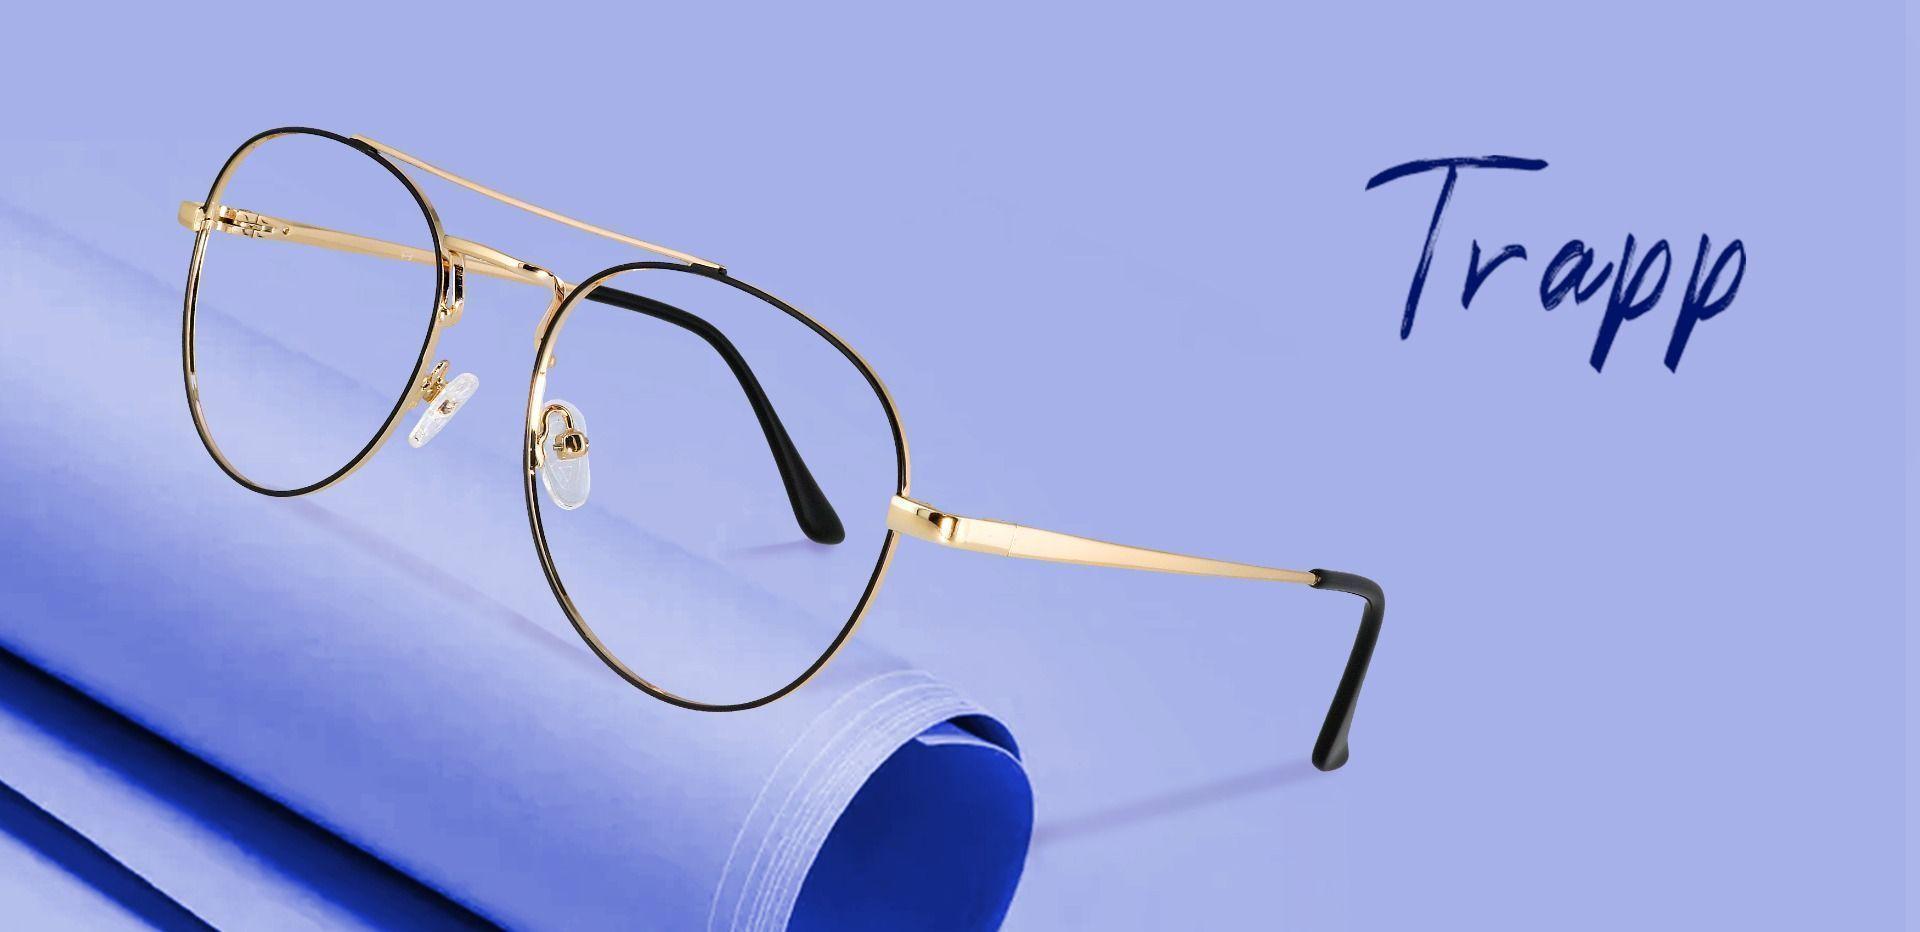 Trapp Aviator Non-Rx Glasses - Gold